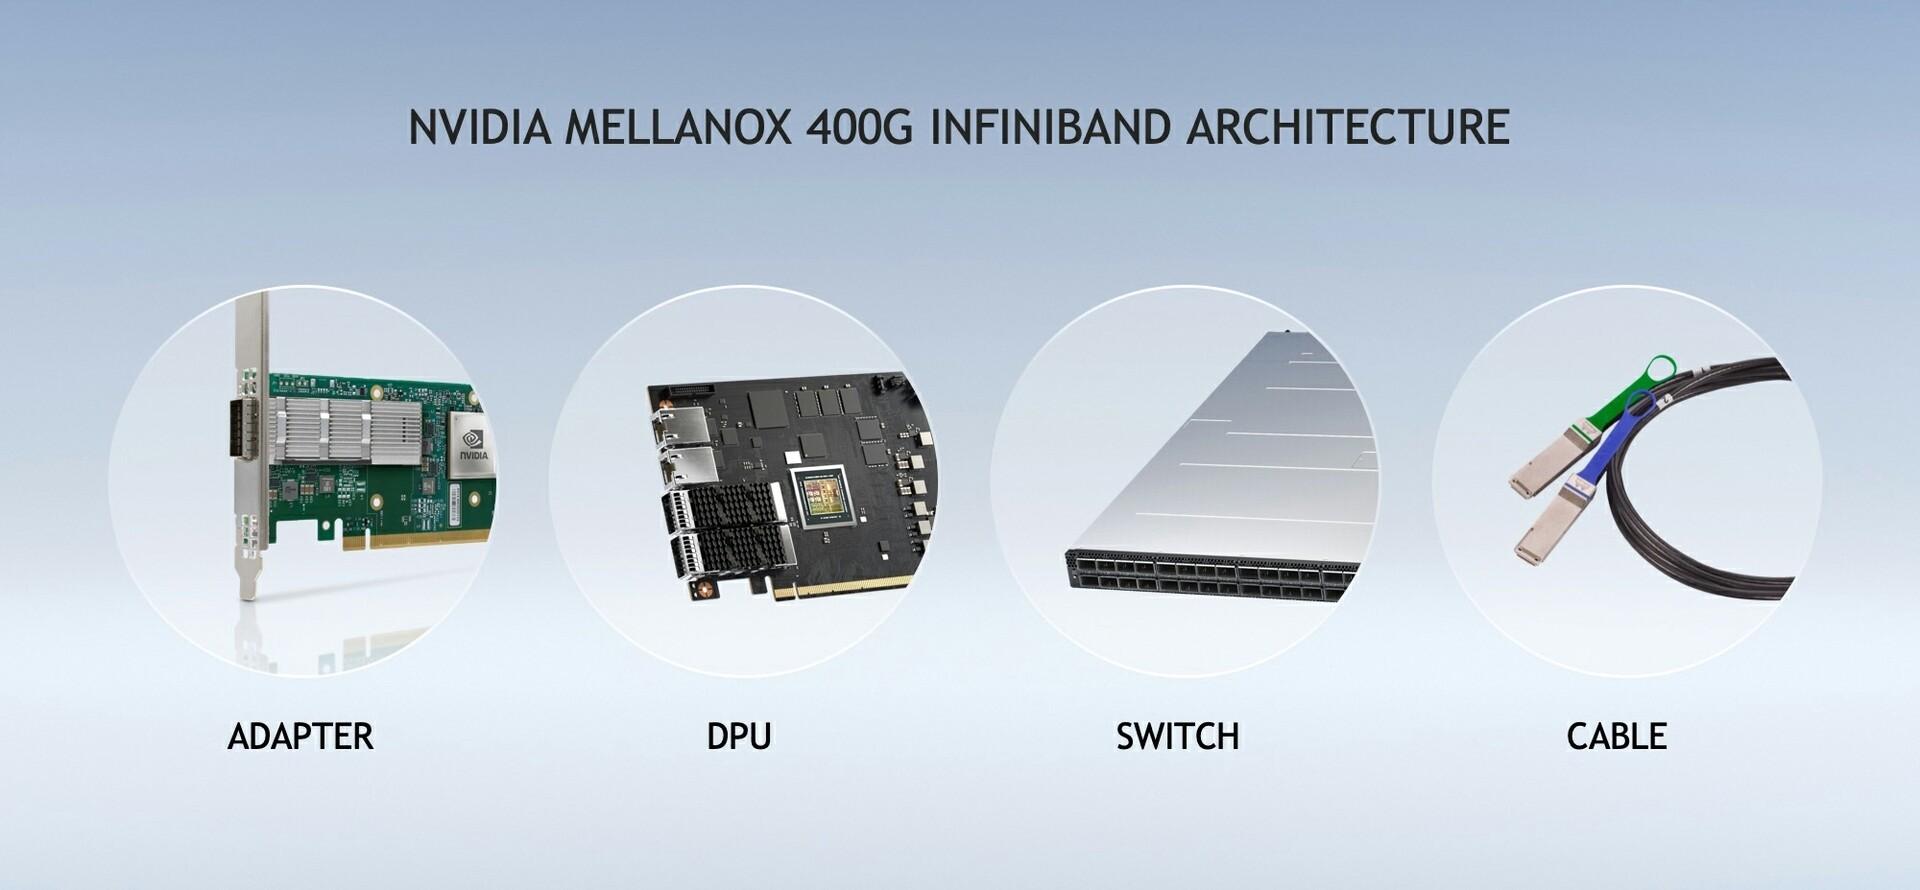 NVIDIA anuncia Mellanox InfiniBand para supercomputación de IA a exaescala